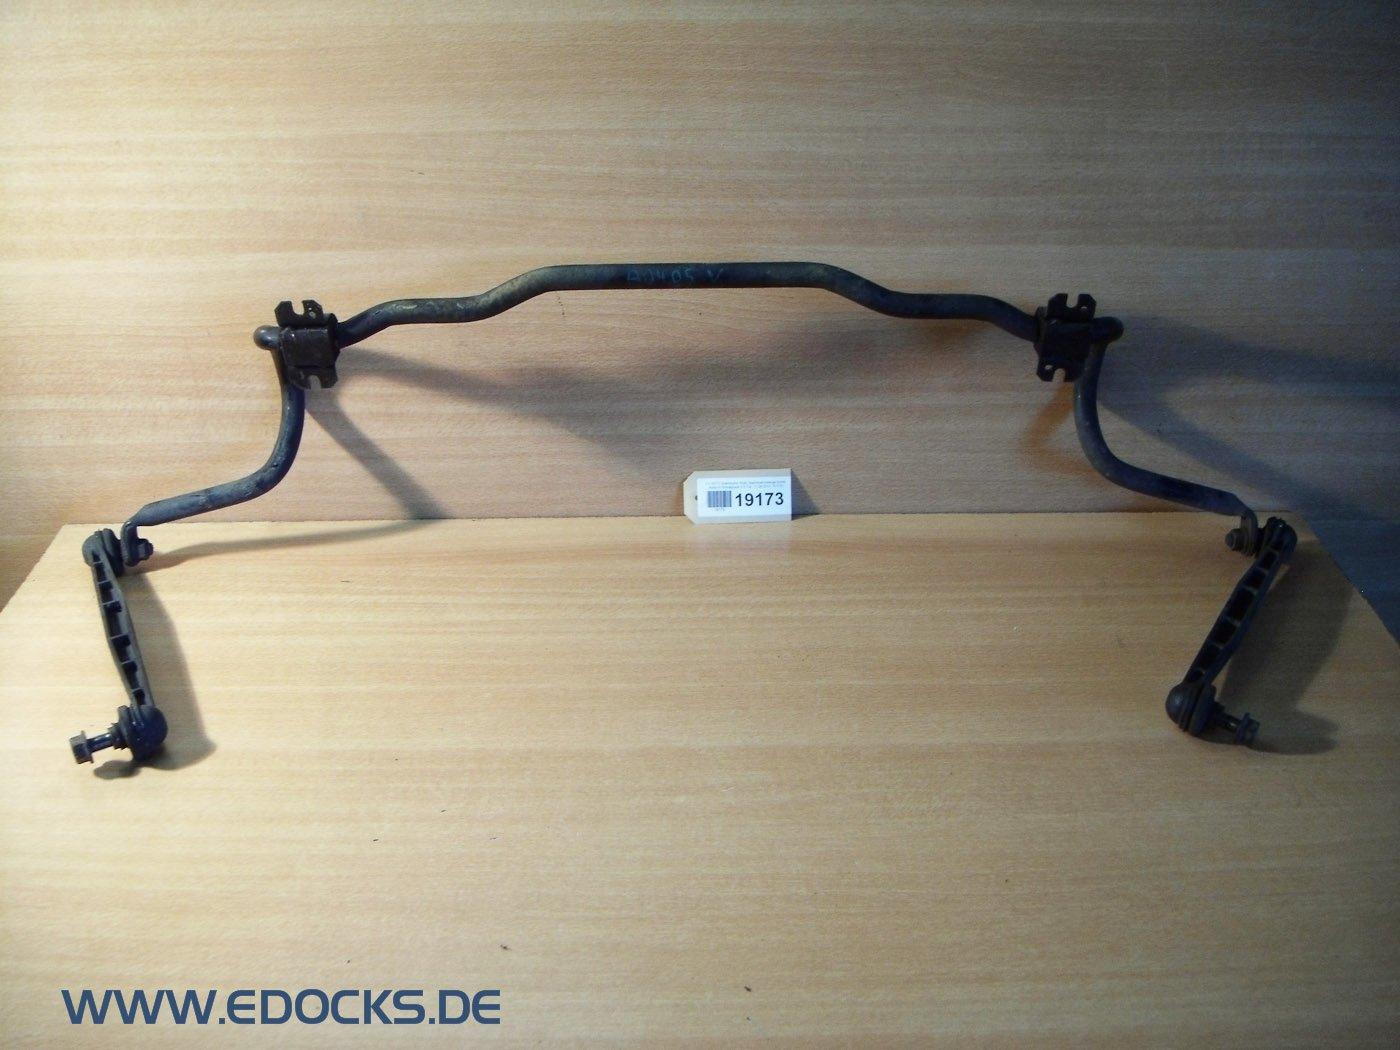 Stabilisator Stabi Stabilisatorstange vorne Astra H Schr/ägheck 3 5 T/ür Opel